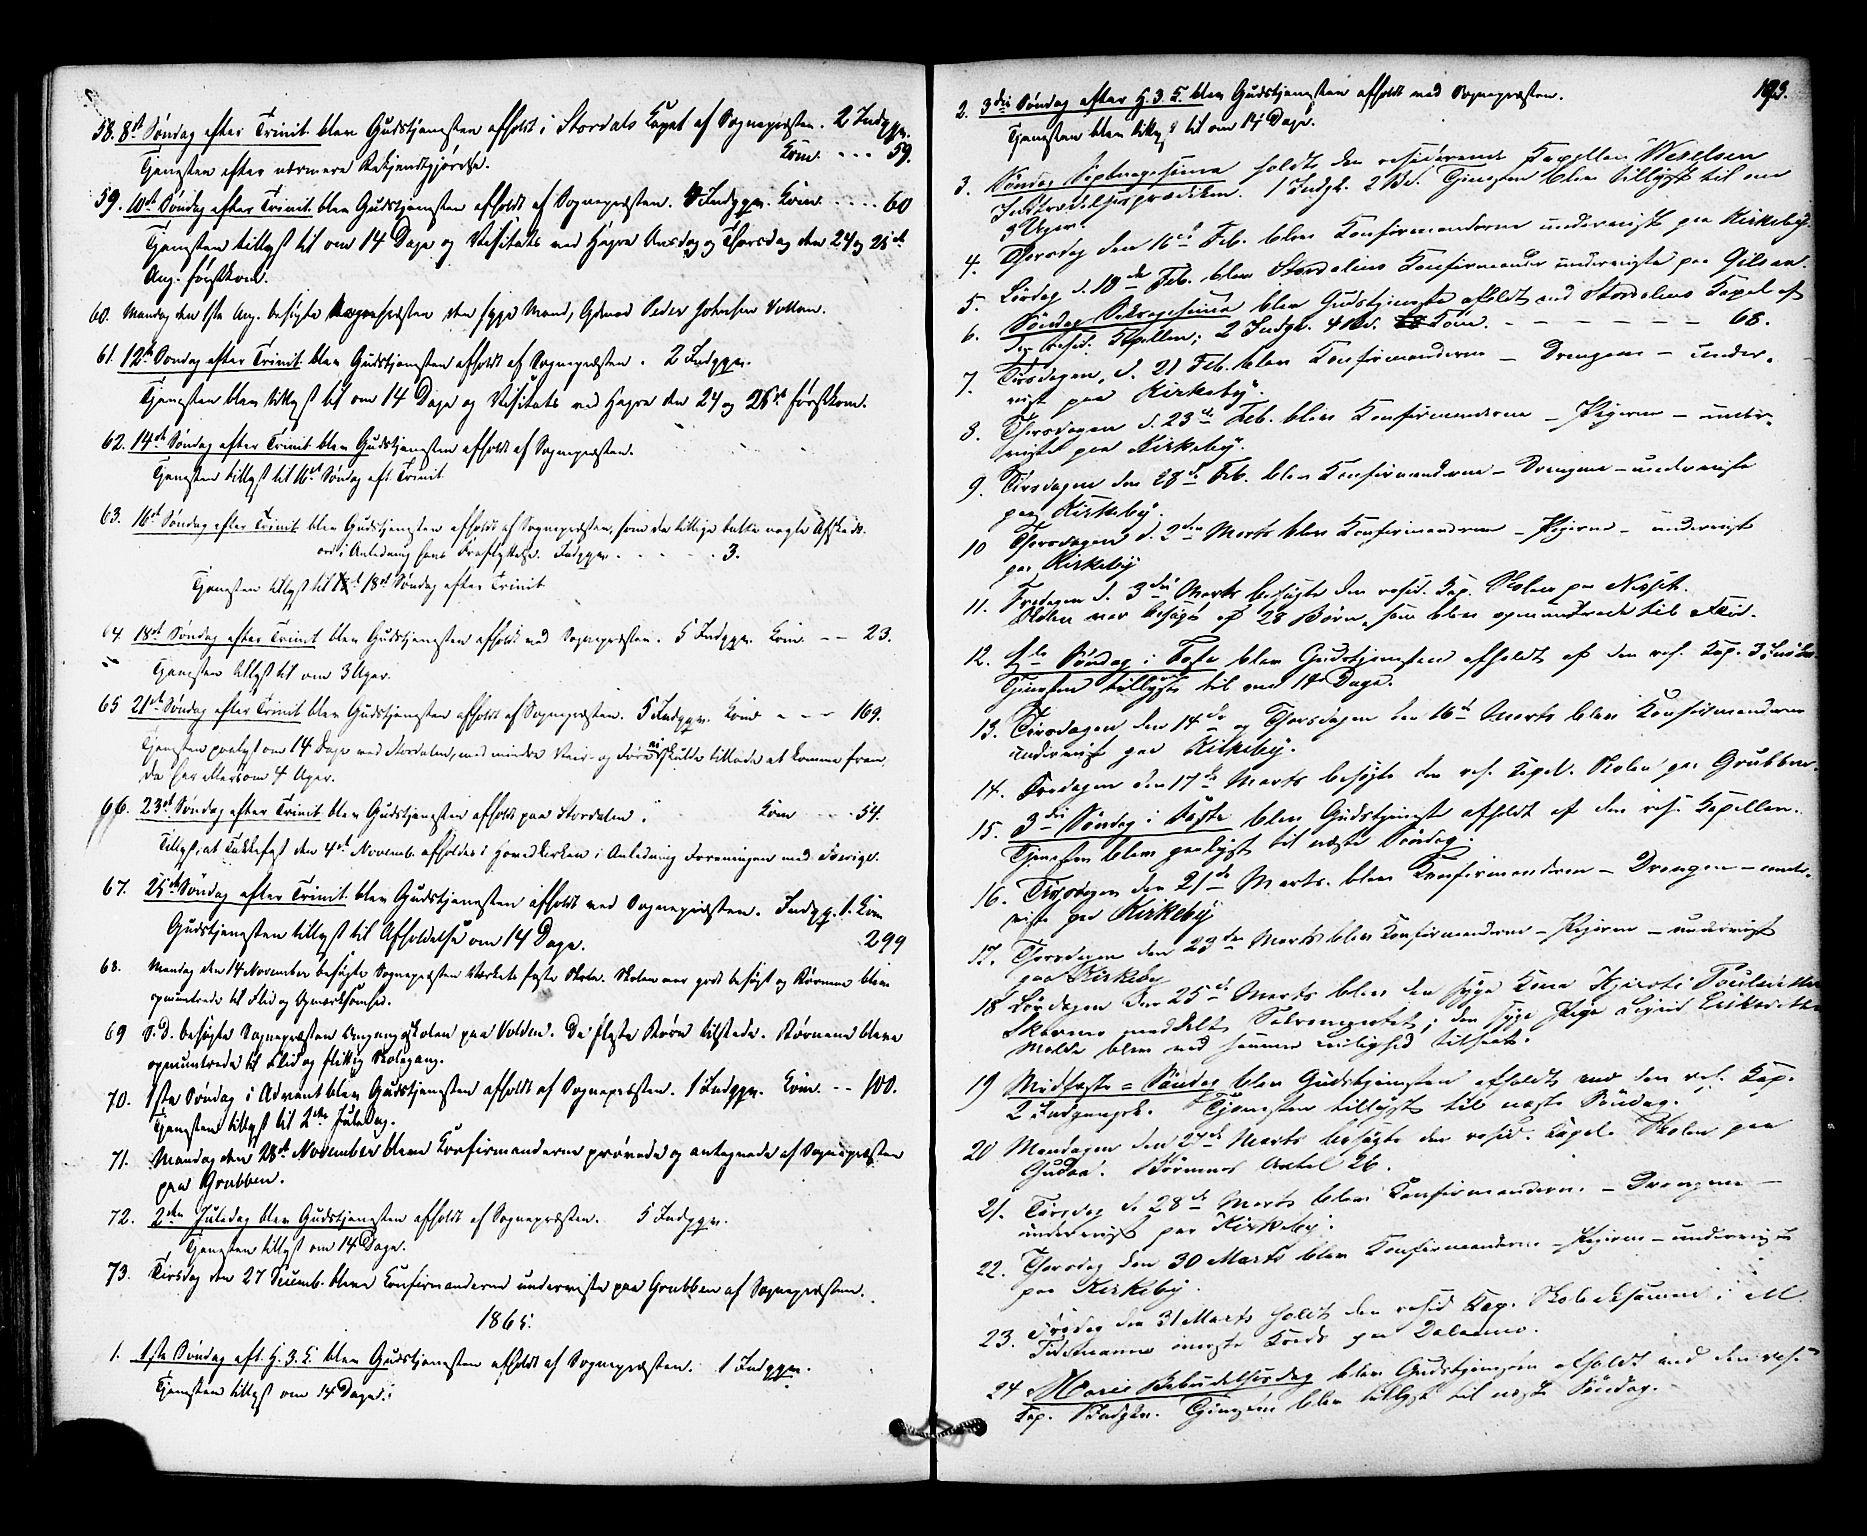 SAT, Ministerialprotokoller, klokkerbøker og fødselsregistre - Nord-Trøndelag, 706/L0041: Ministerialbok nr. 706A02, 1862-1877, s. 193